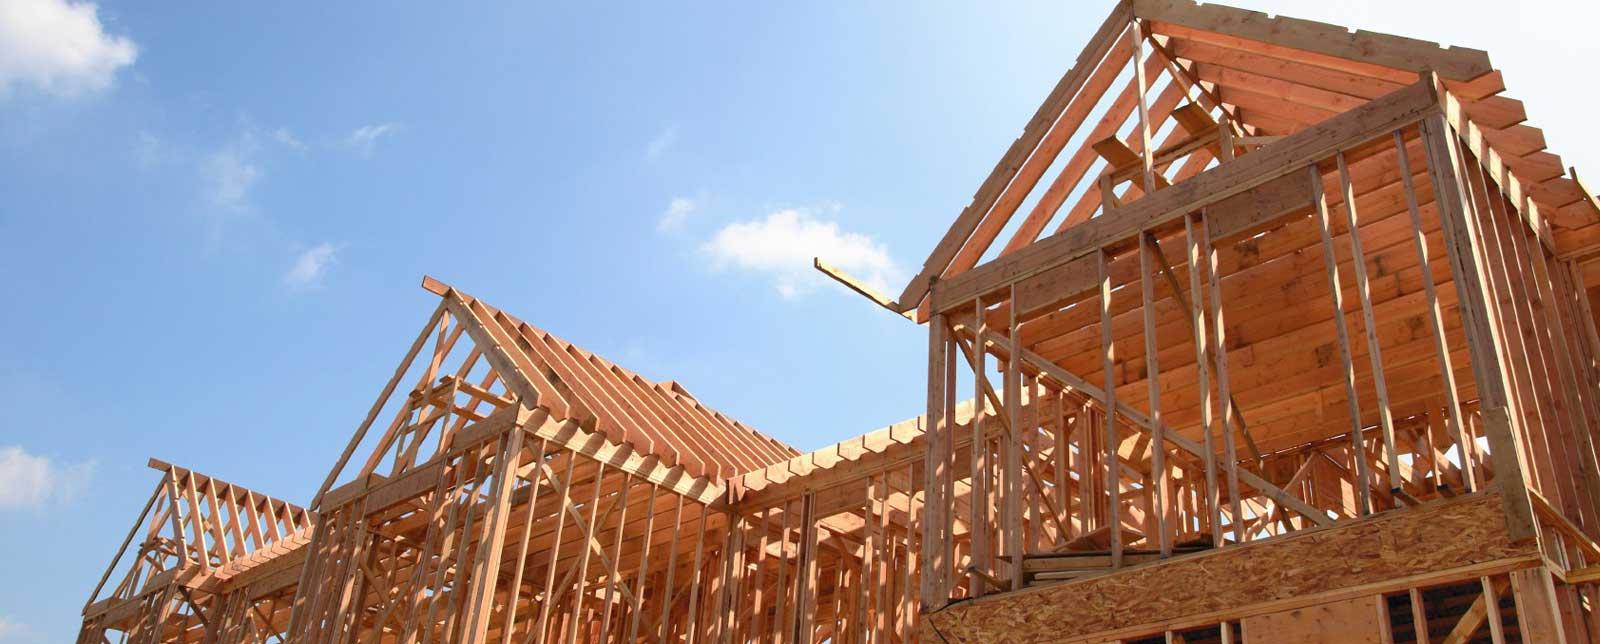 House Extensions Melbourne | JC Premier Building & Development